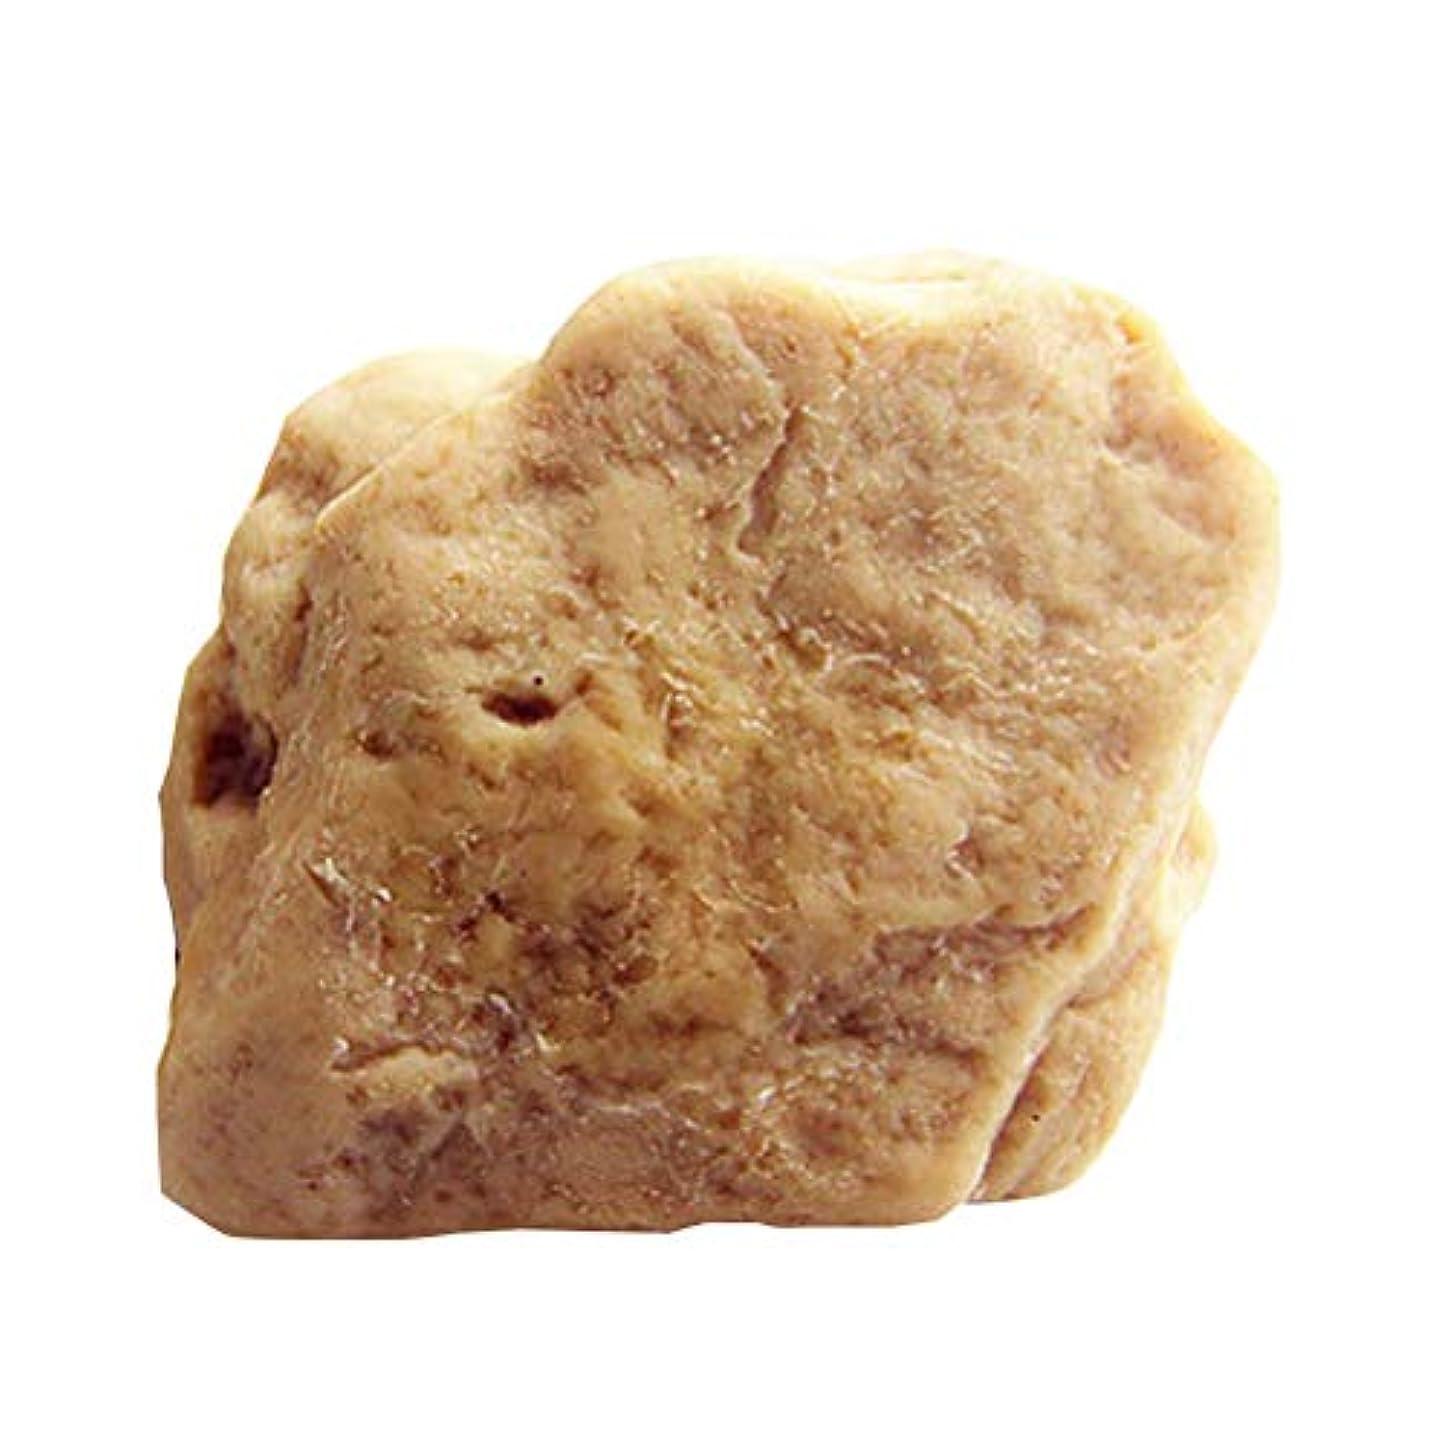 こねる変更買収Creacom オリーブオイル 石鹸 肌に優しい無添加 毛穴 対策 洗顔石鹸 保湿 固形 毛穴 黒ずみ 肌荒れ くすみ ニキビ 美白 美肌 角質除去 肌荒れ 乾燥肌 オイル肌 混合肌 対策 全身可能